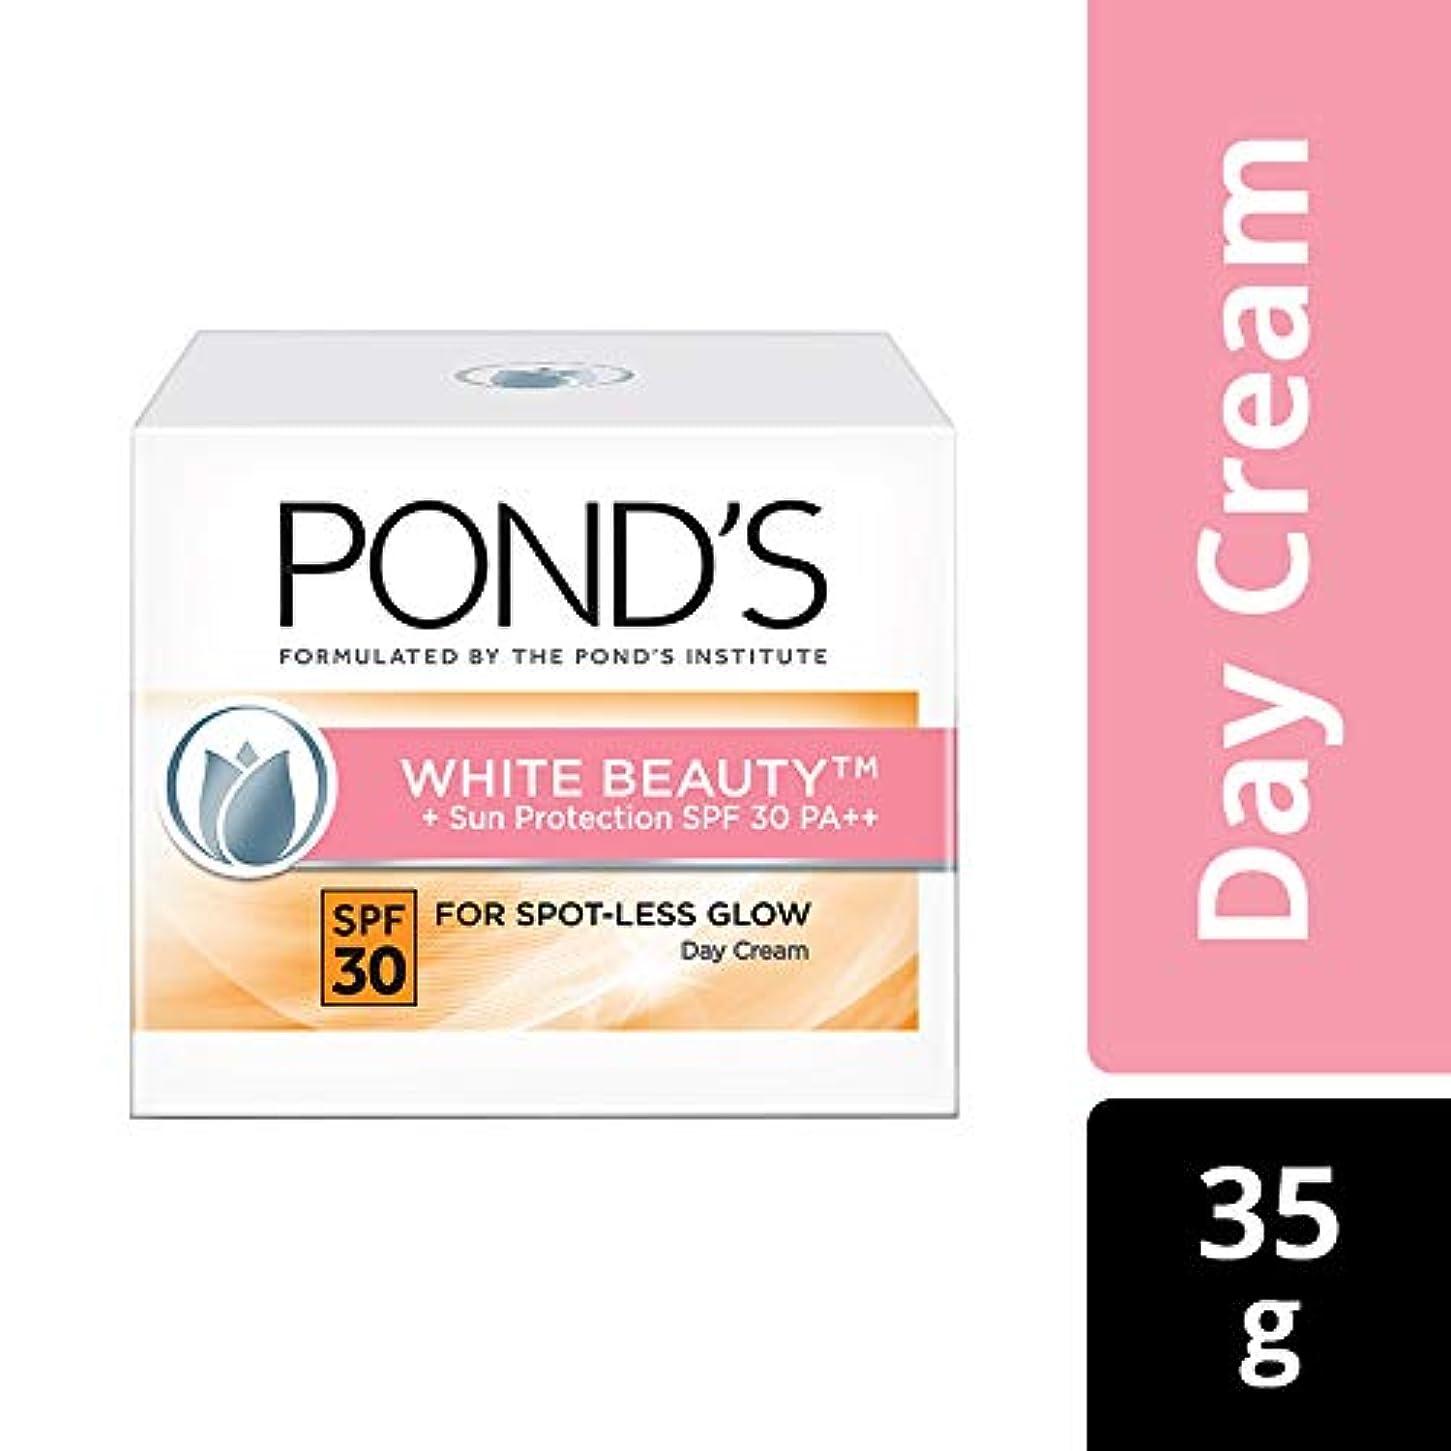 タンザニア突然の警報POND'S White Beauty Sun Protection SPF 30 Day Cream, 35 gms (並行インポート) India